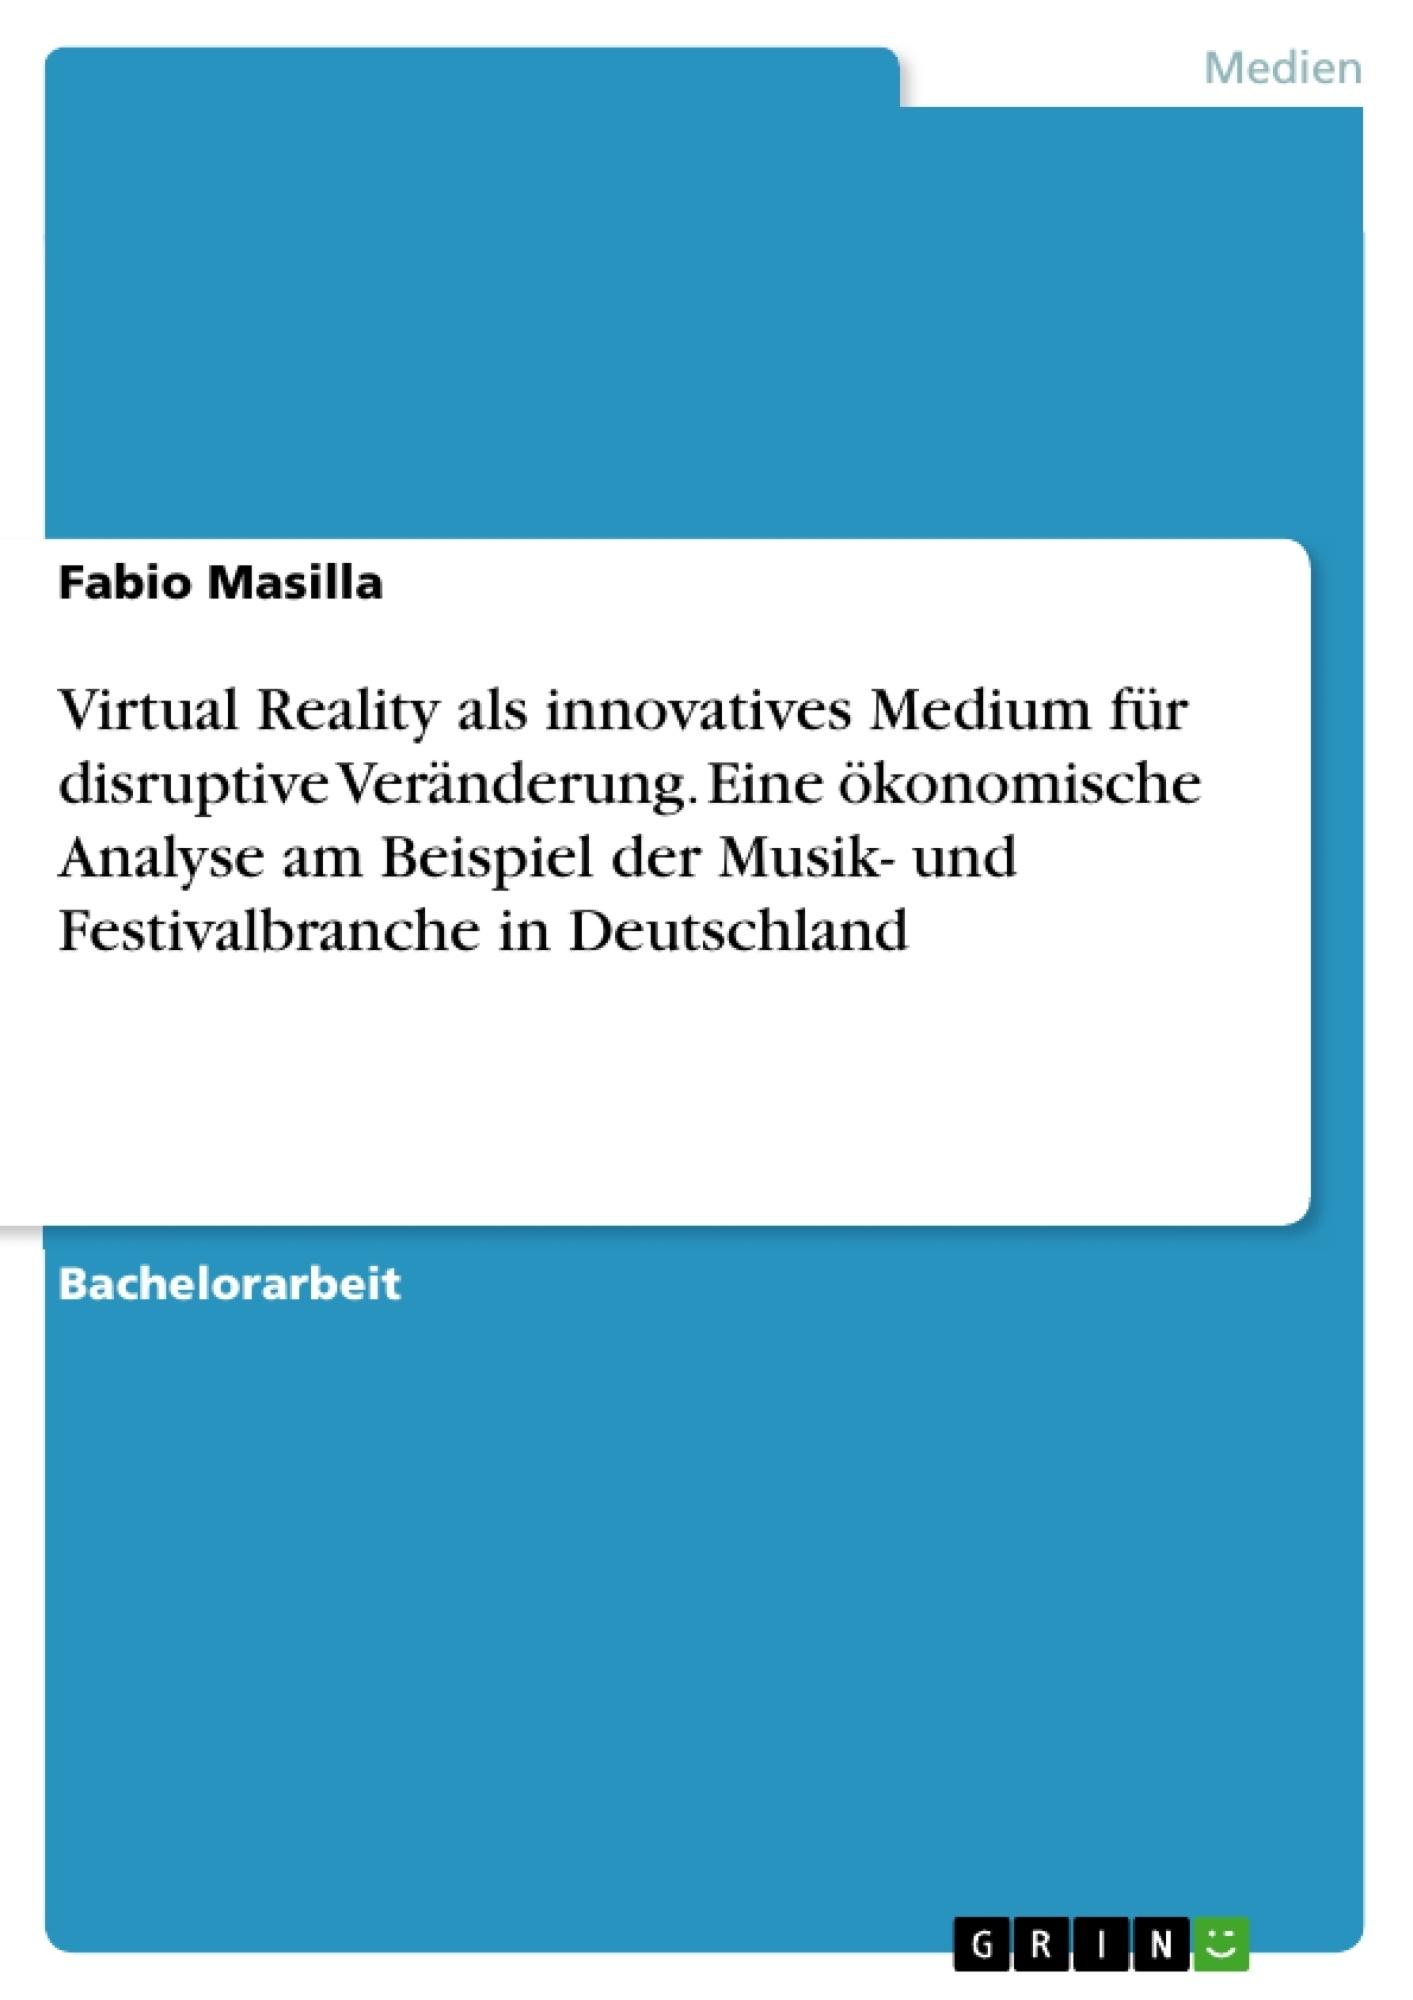 Titel: Virtual Reality als innovatives Medium für disruptive Veränderung. Eine ökonomische Analyse am Beispiel der Musik- und Festivalbranche in Deutschland